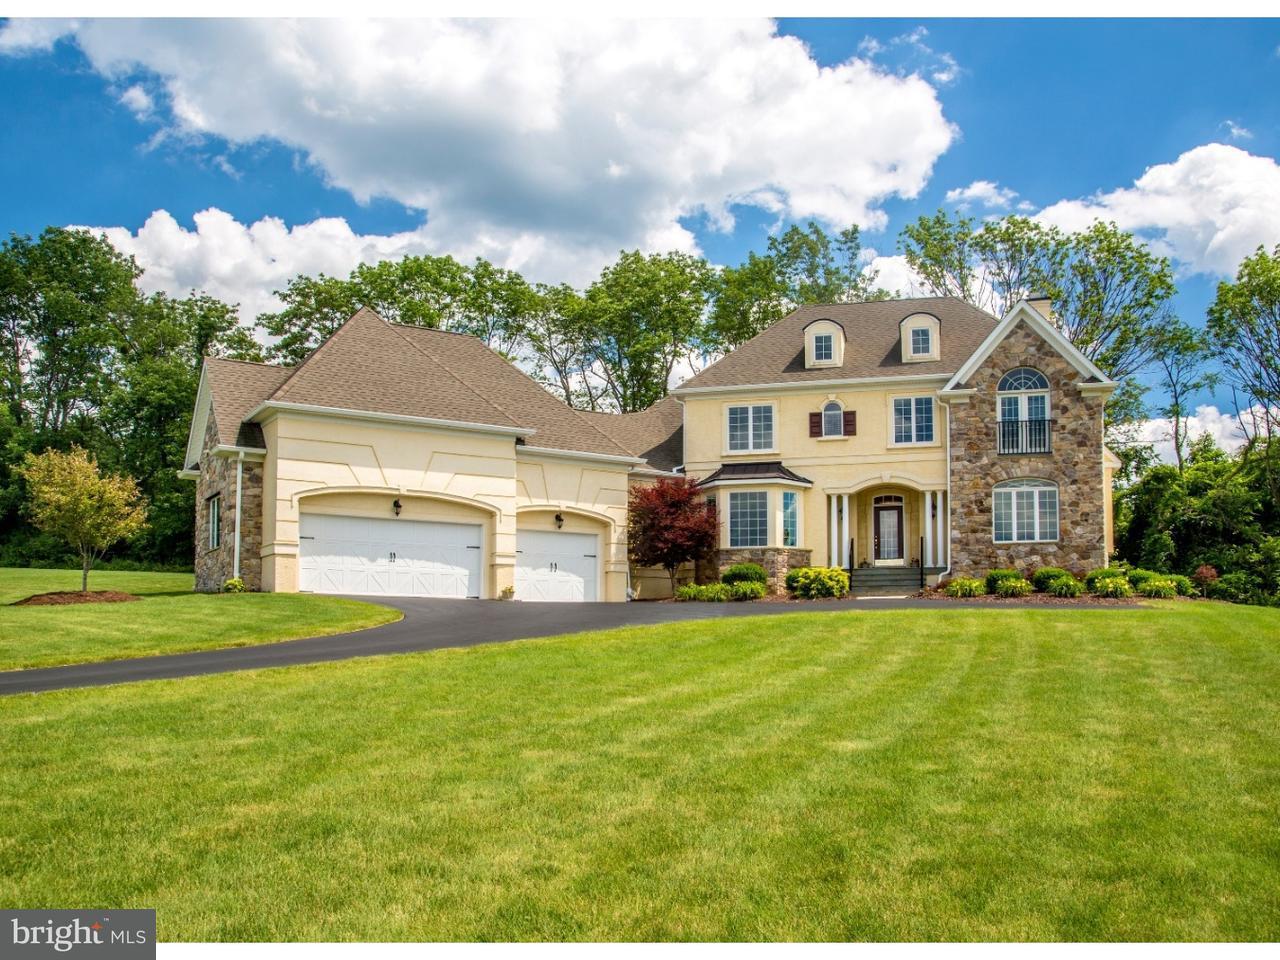 단독 가정 주택 용 매매 에 2710 IMPERIAL CREST Lane Hellertown, 펜실바니아 18055 미국